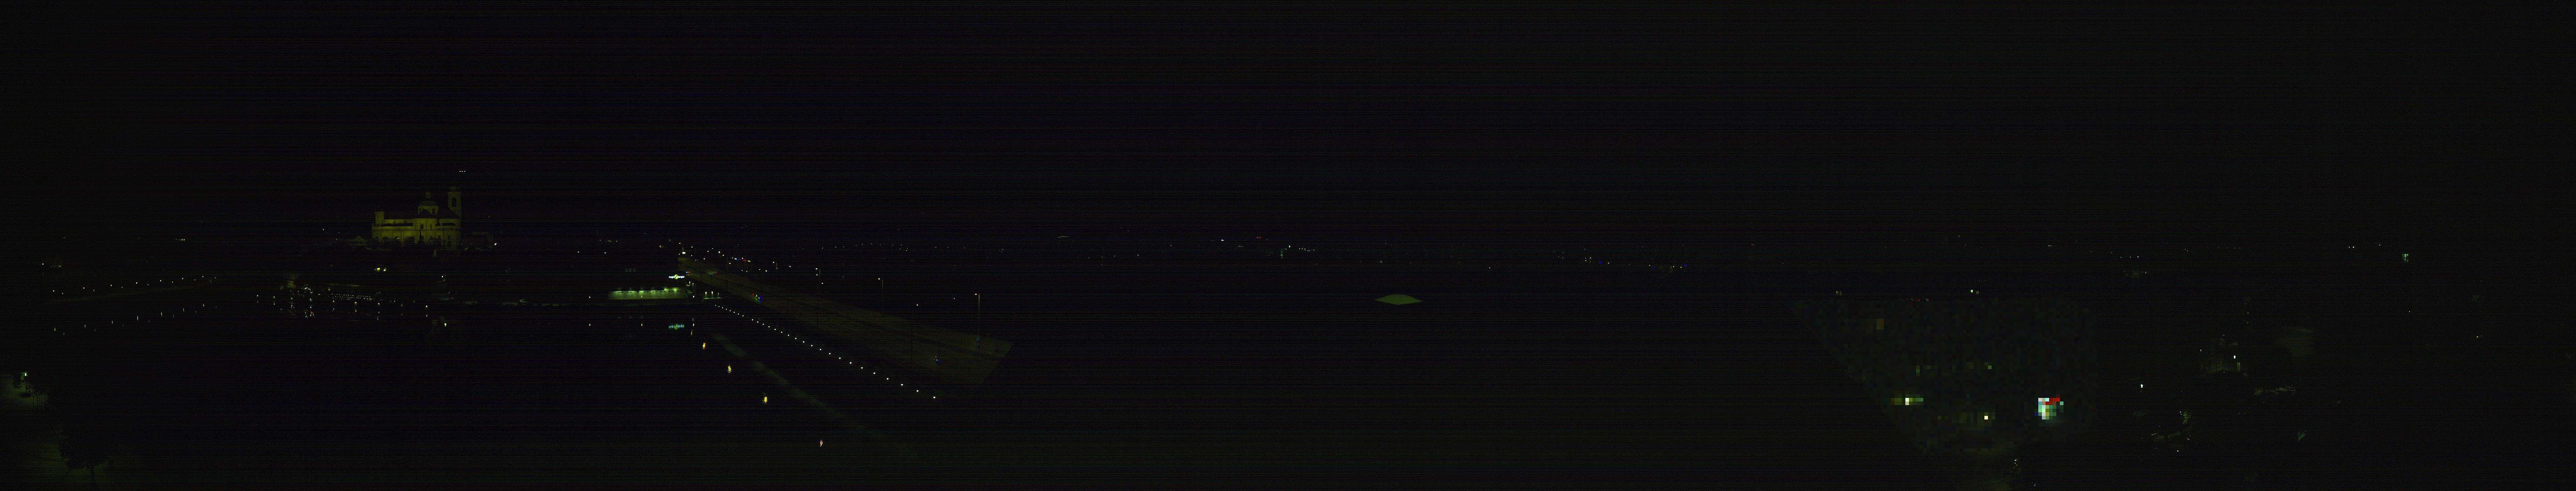 Livecam Solothurn